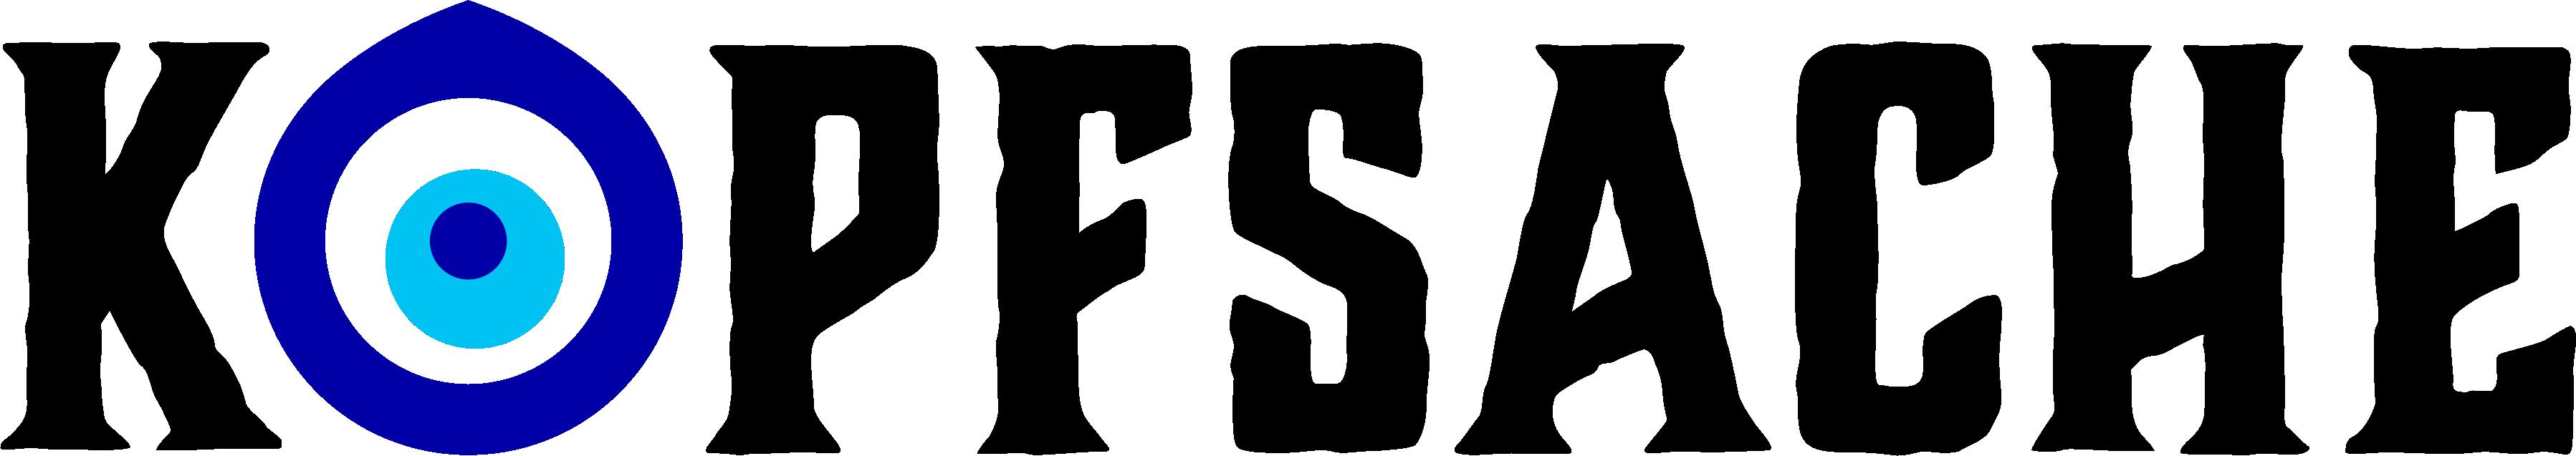 Kopfsache-Logo